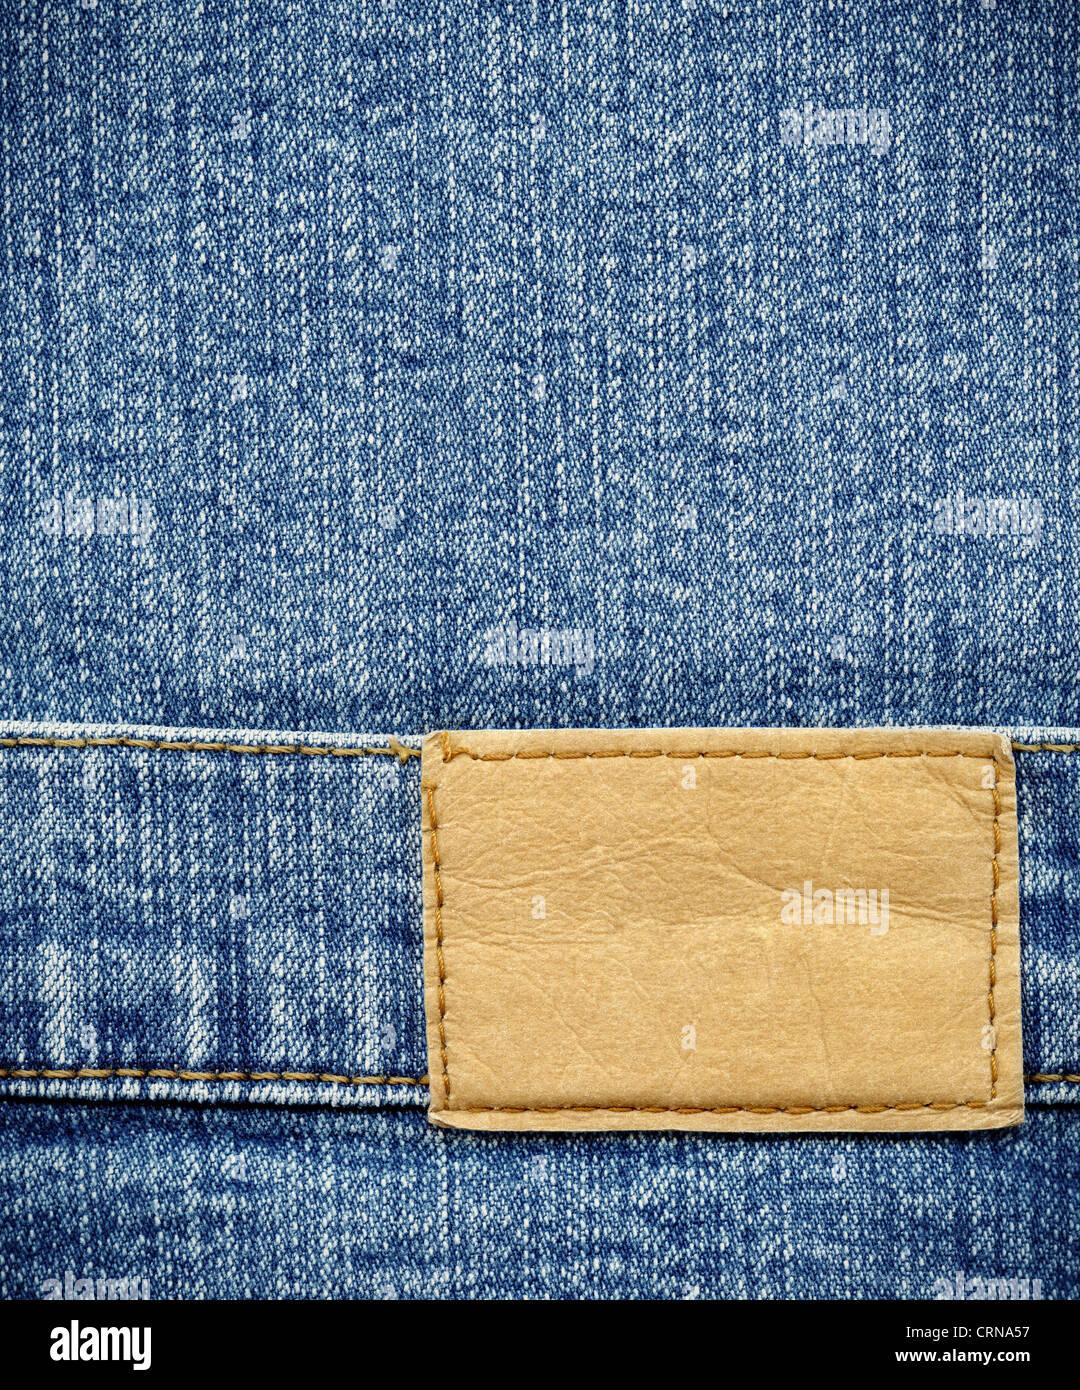 In cuoio bianco jeans etichetta cucita su un jeans blu. Può